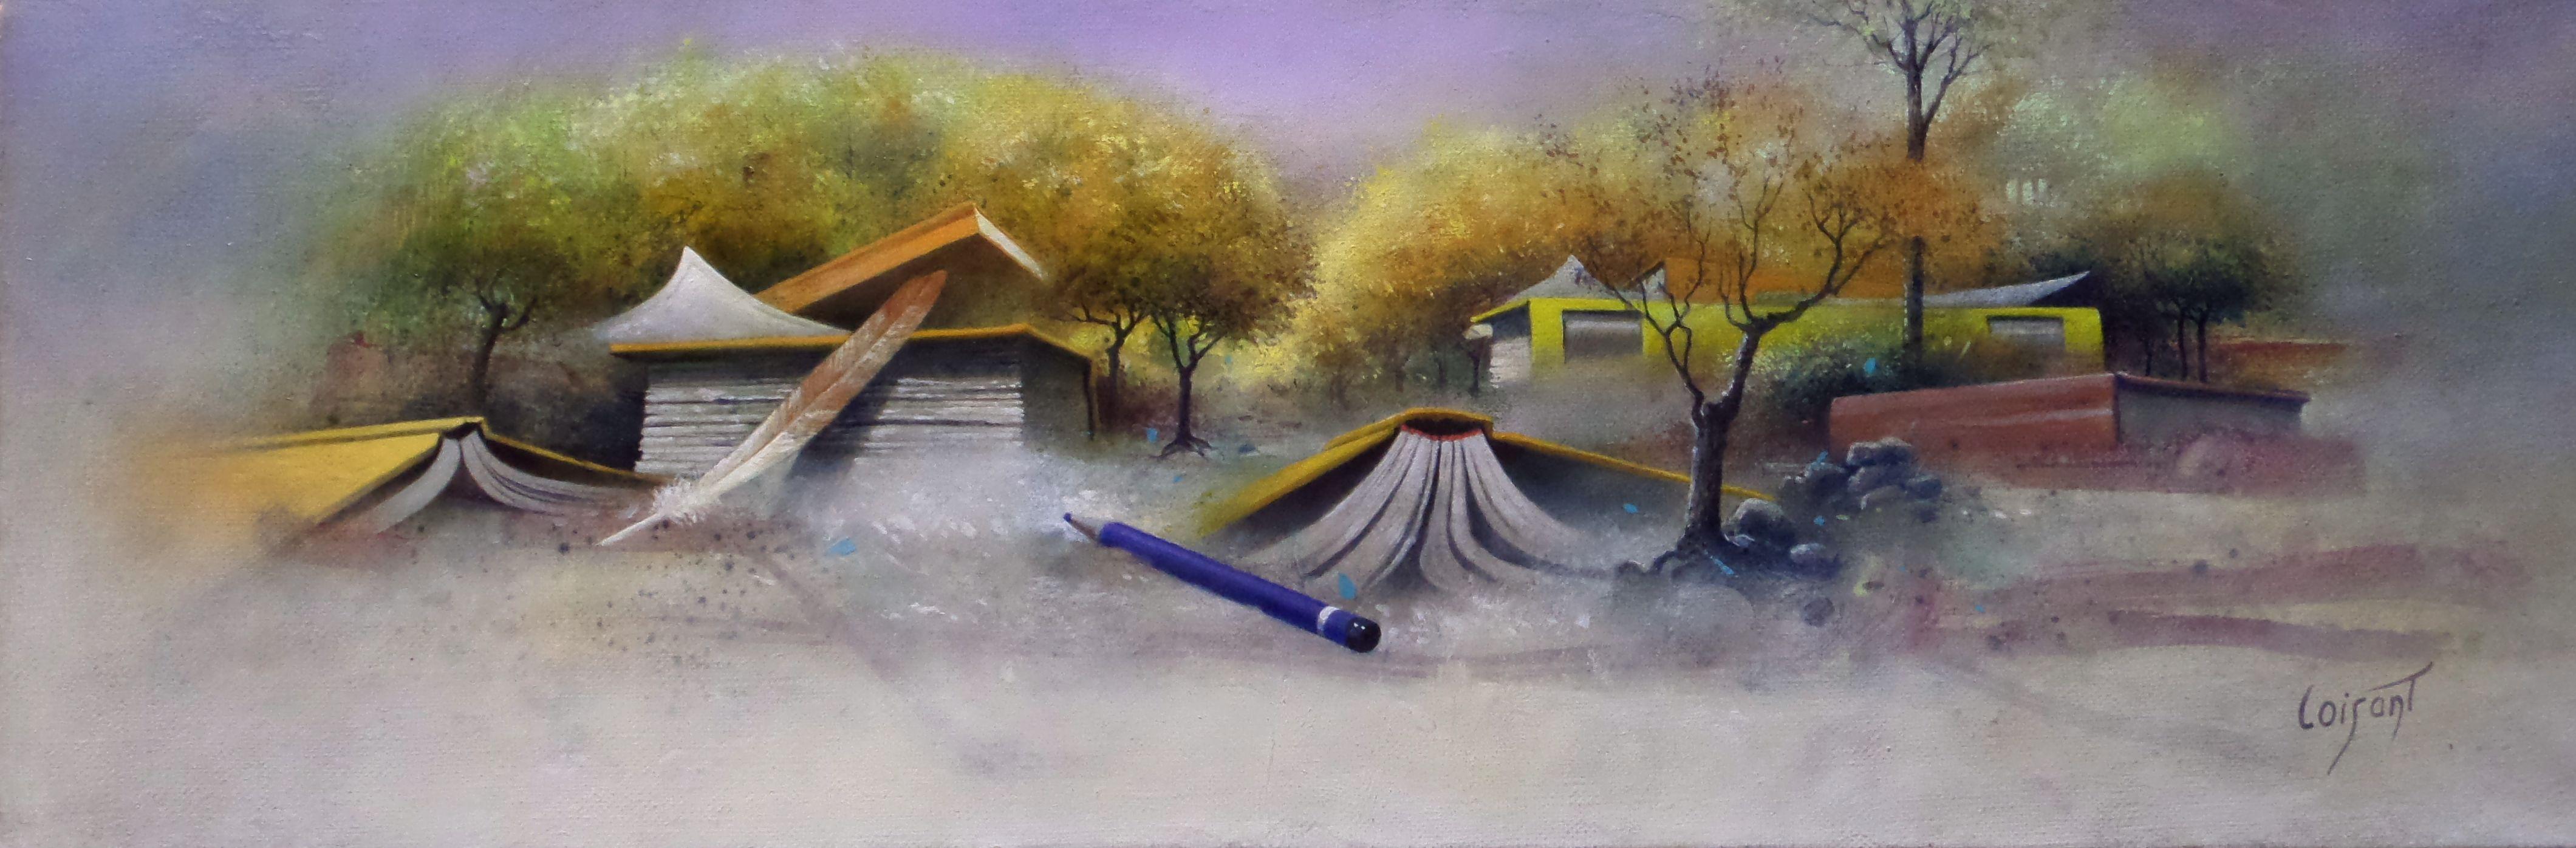 « Livres jaunes en forêt » 20 x 60 cm